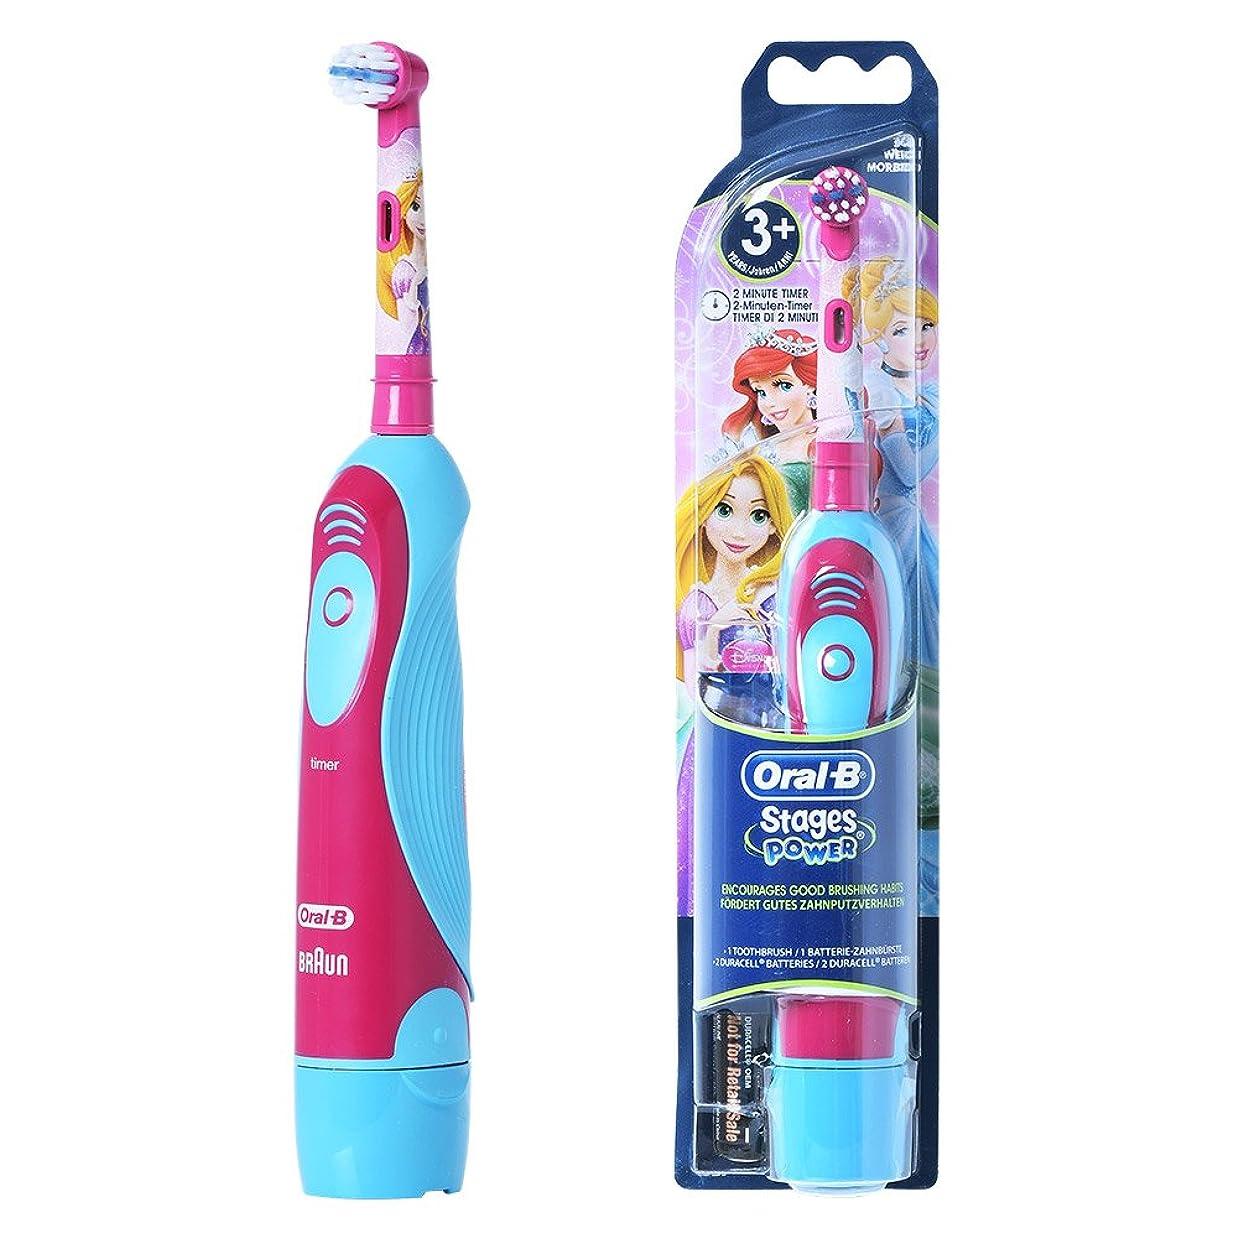 テニス石ラオス人Braun Oral-B D2 D2010 Disney Princess Kids 電動歯ブラシ [並行輸入品]